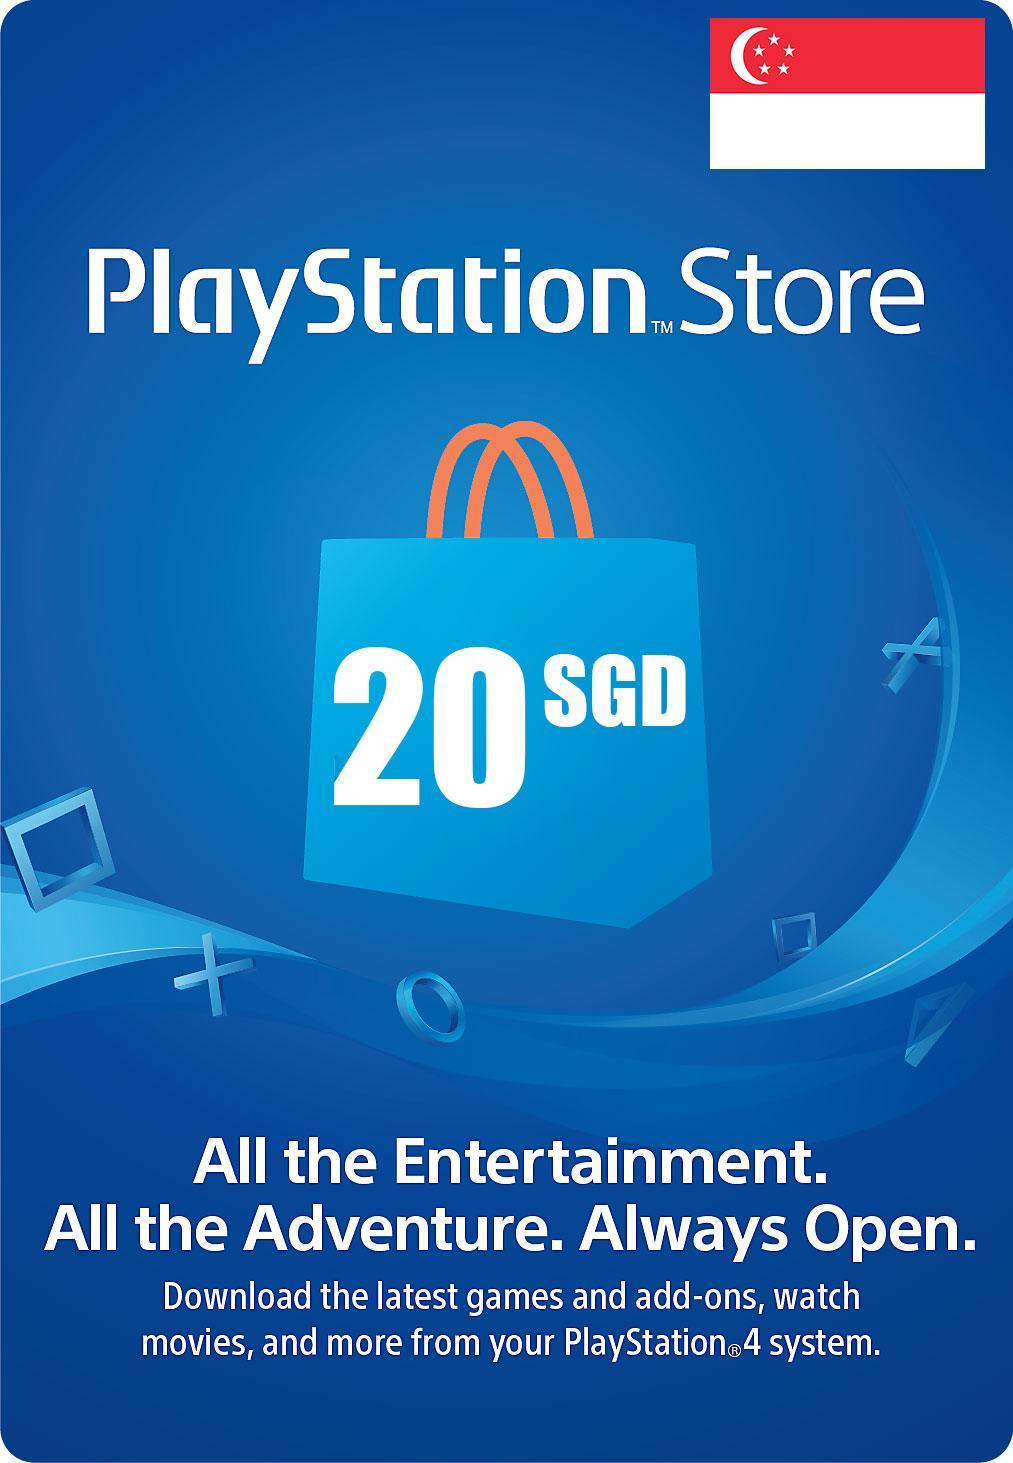 PSN Digital Card 20 SGD - PlayStation Network (SG)